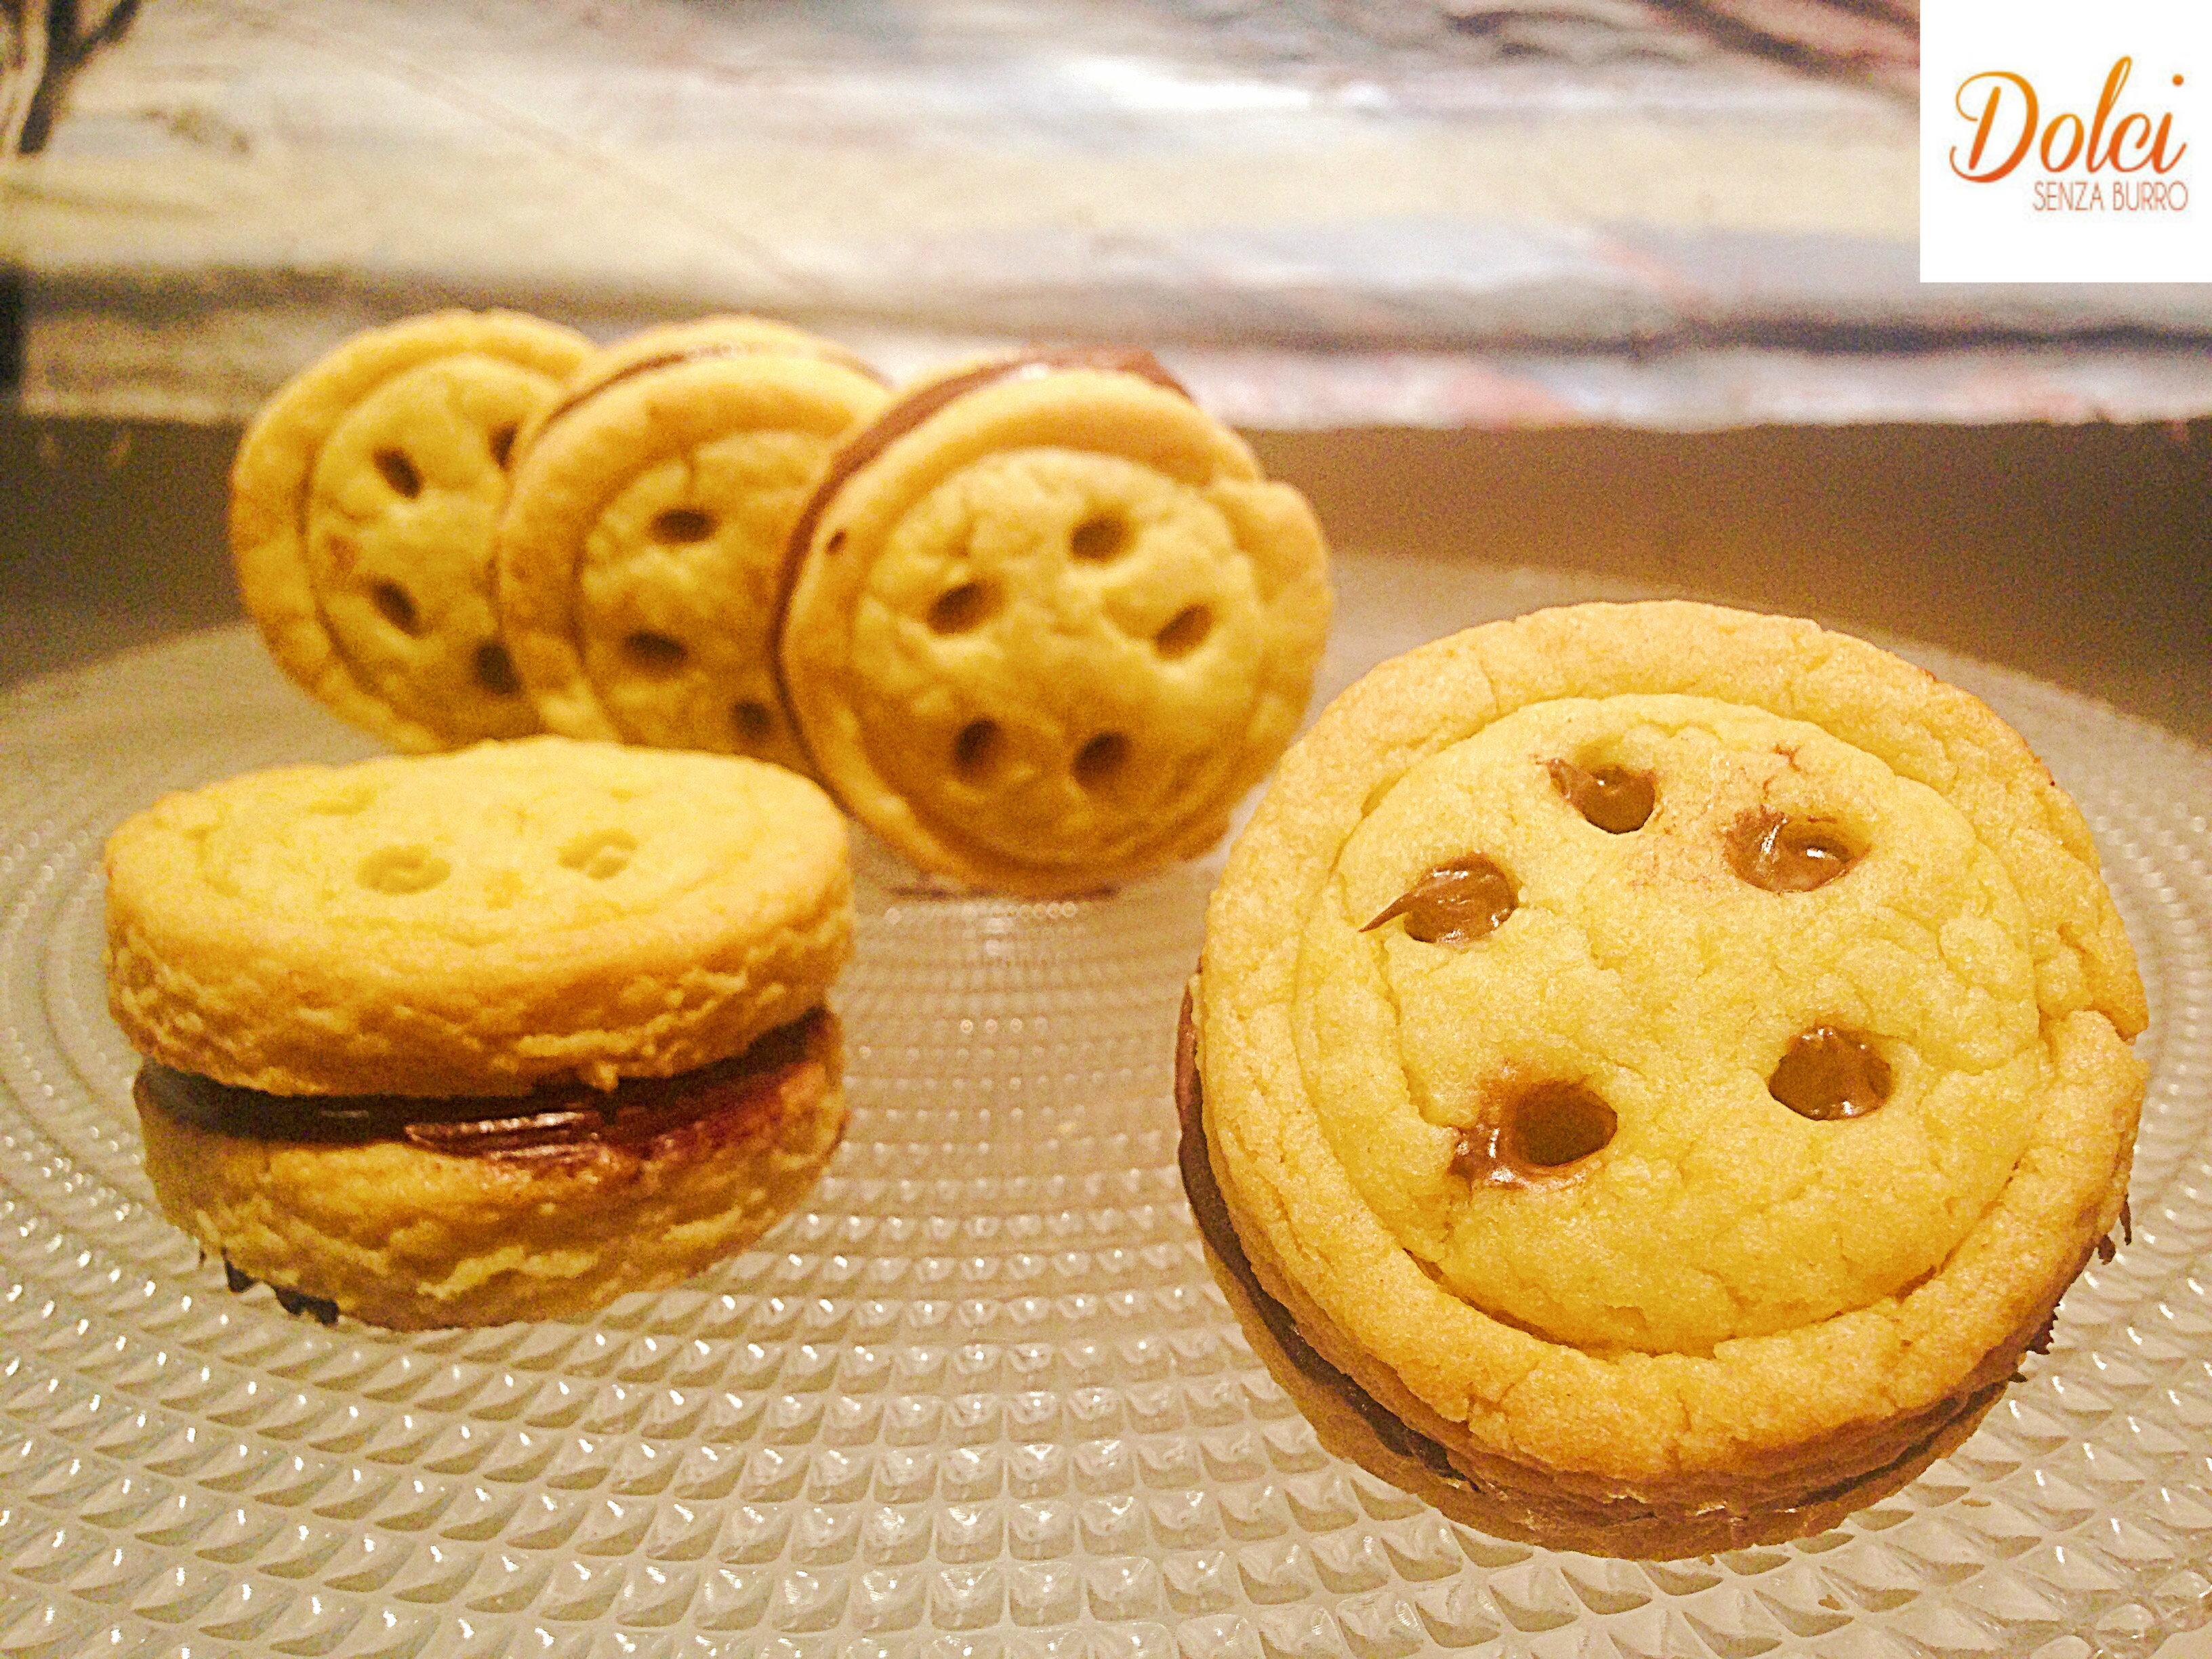 Ricetta baiocchi fatti in casa dolci senza burro - Faretti in casa ...